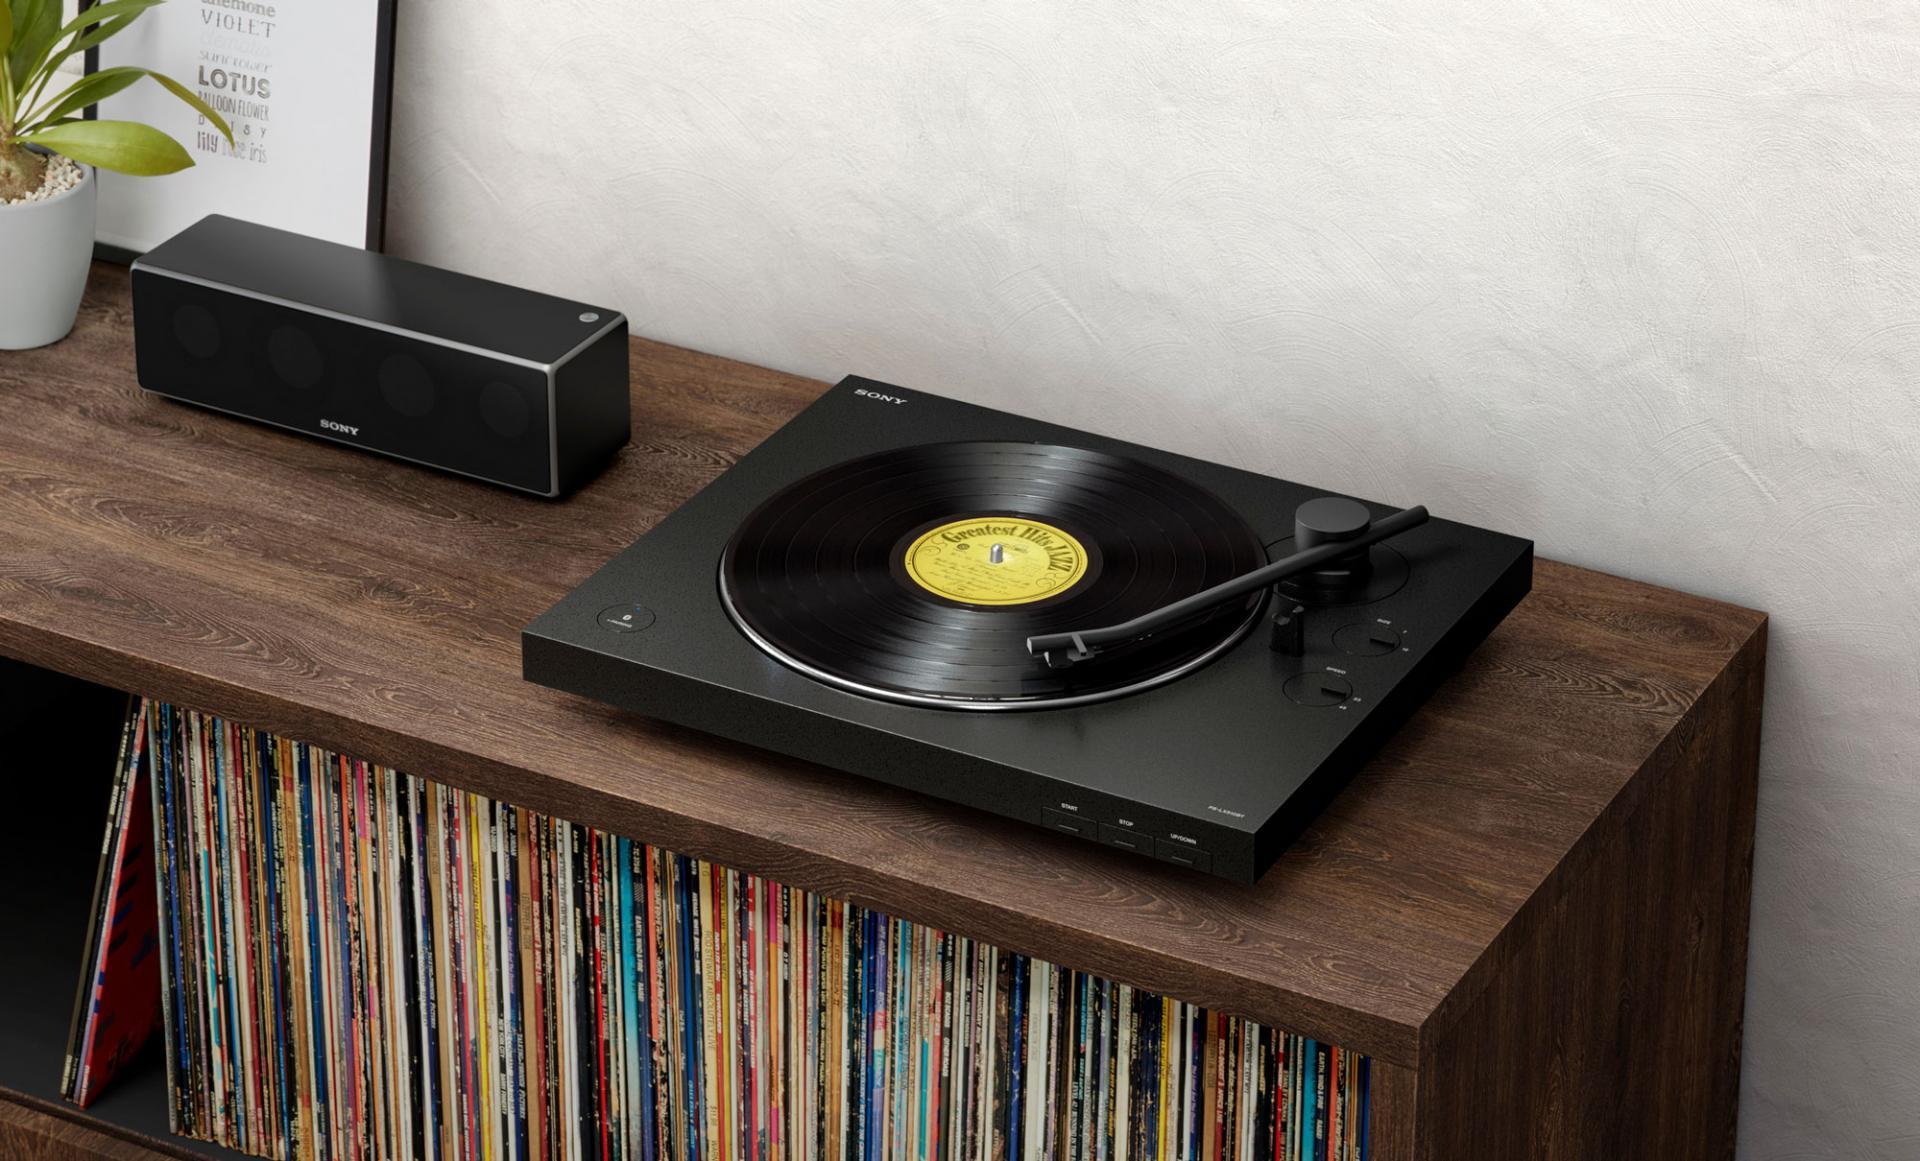 Звучание пластинок поBluetooth стало возможно спроигрывателем PS-LX310BT